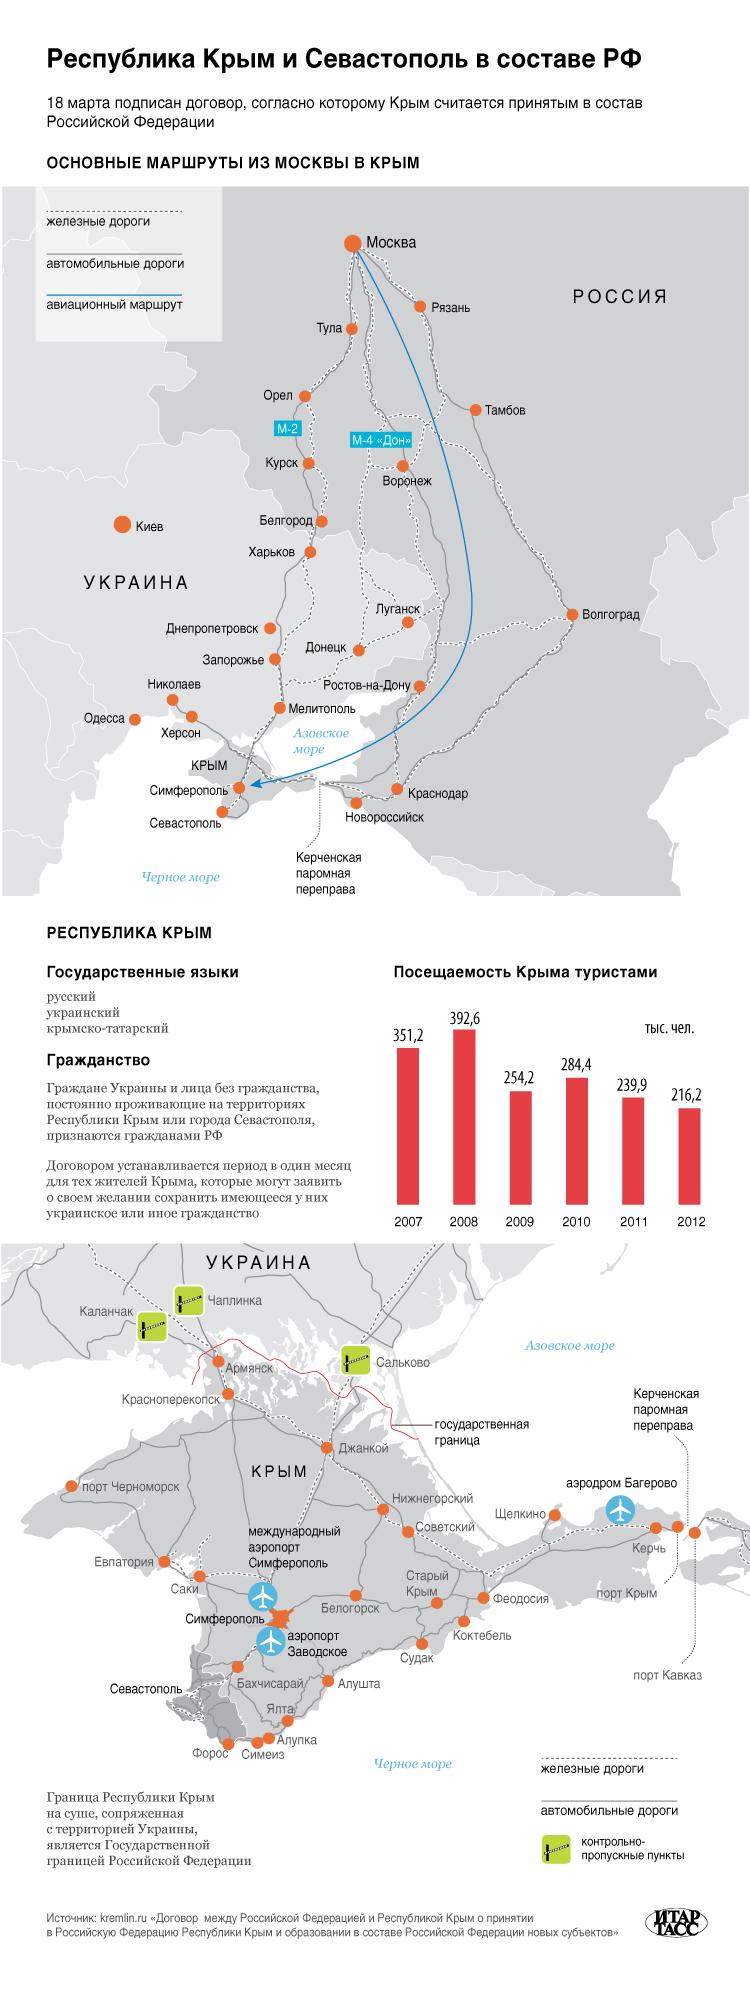 Республика Крым и Севастополь  в составе РФ